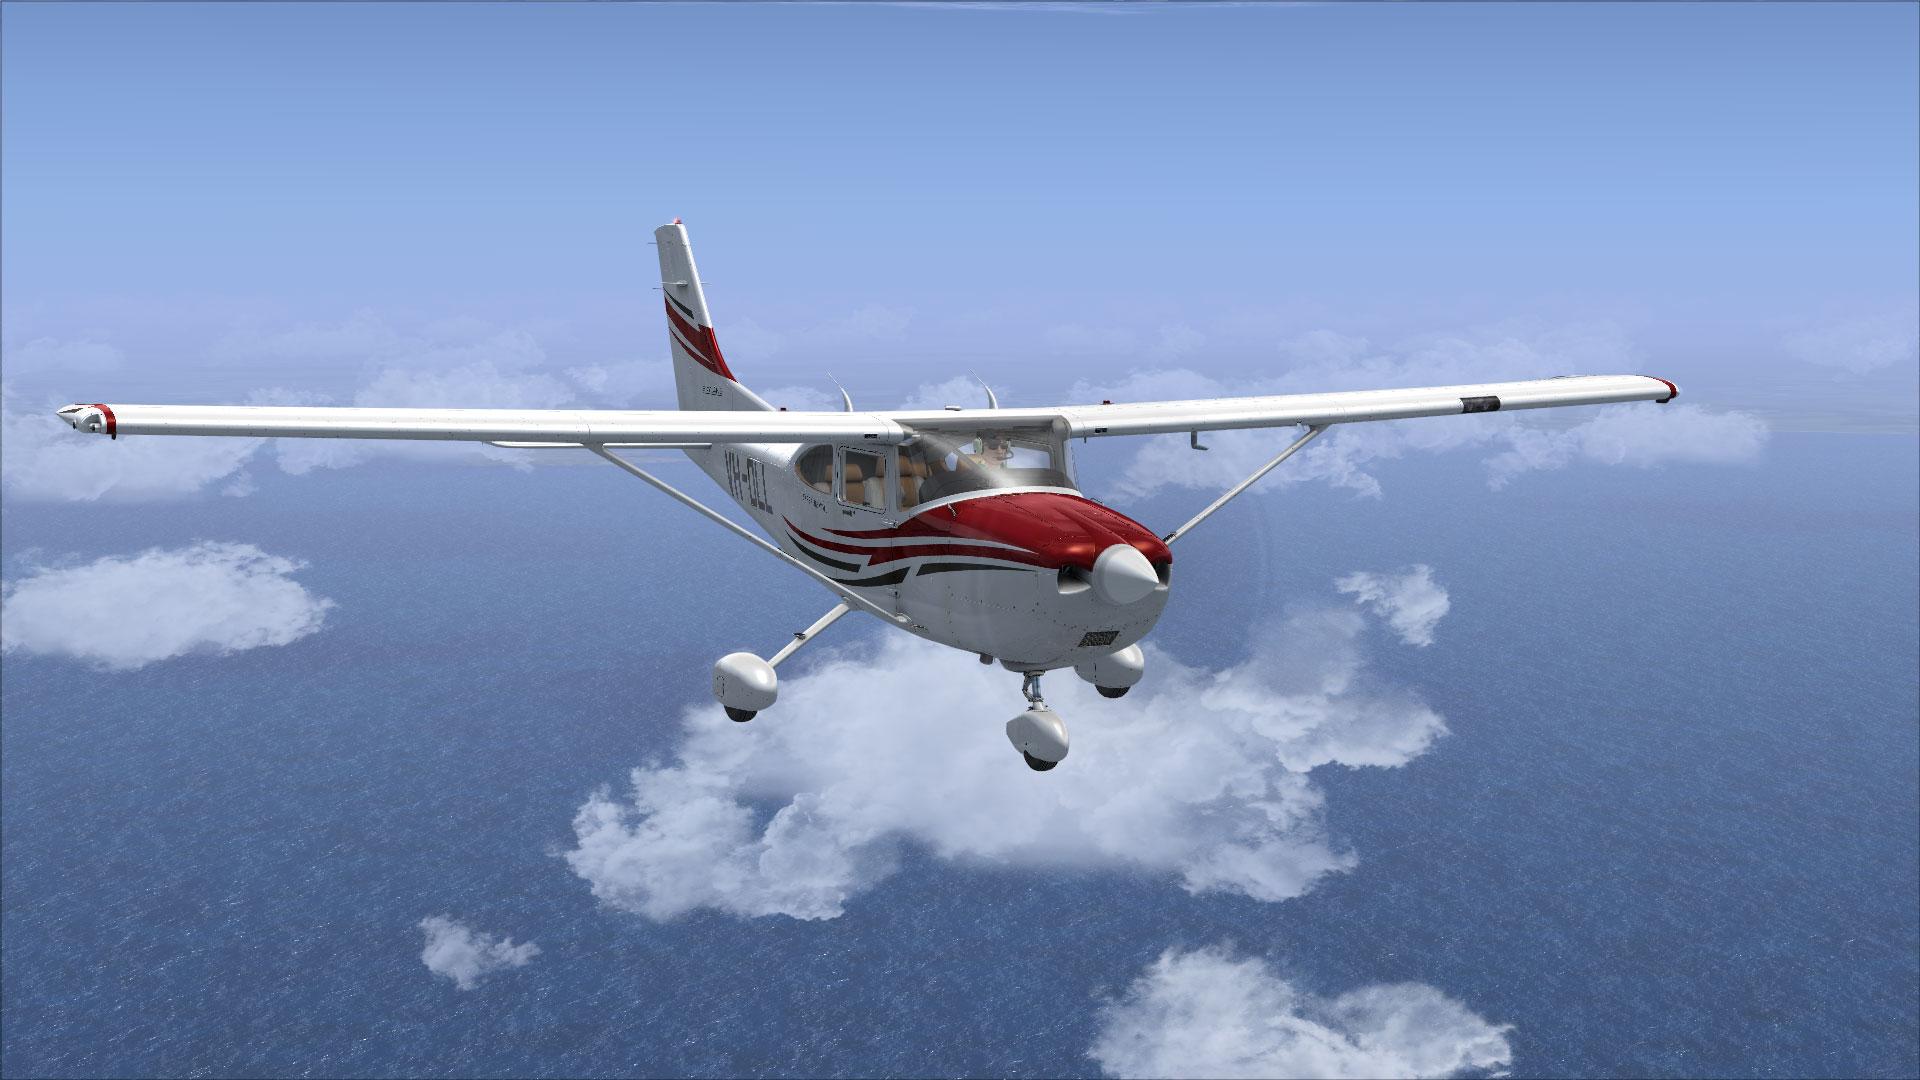 Cessna 182 Skylane Accu Sim For Fsxp3d By A2a Simulations